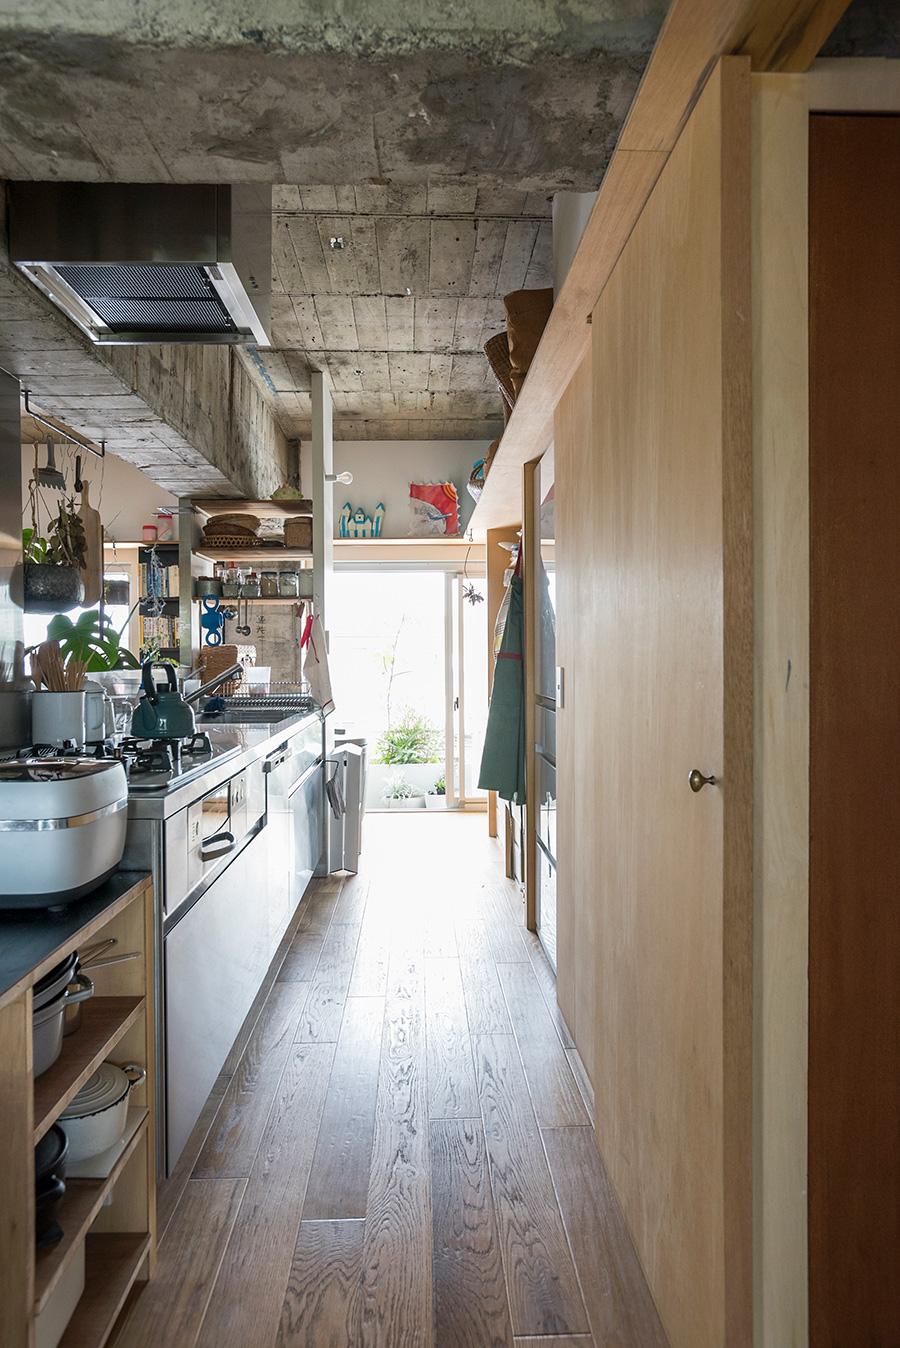 中央に配したキッチンがアイランドのように空間を仕切る。